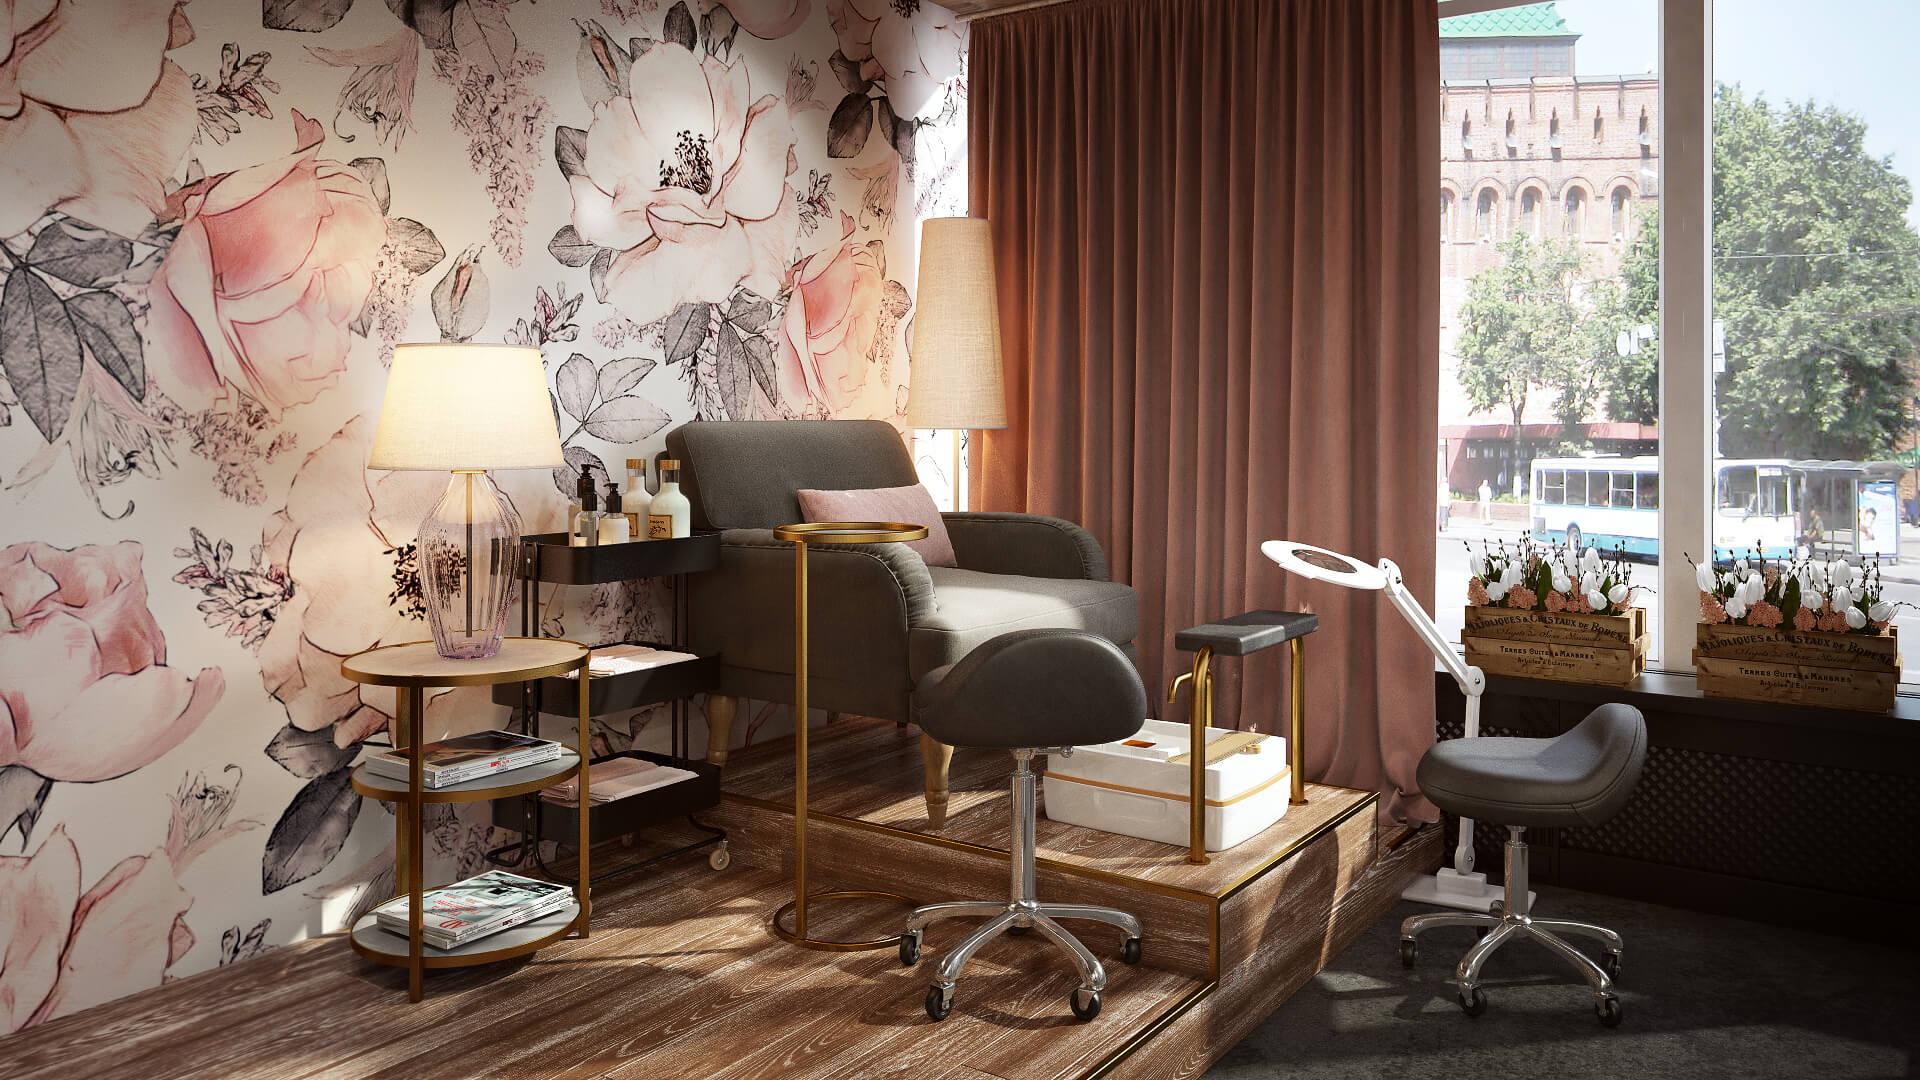 Уютный дизайн интерьера салона красоты: атмосфера релакса для клиента